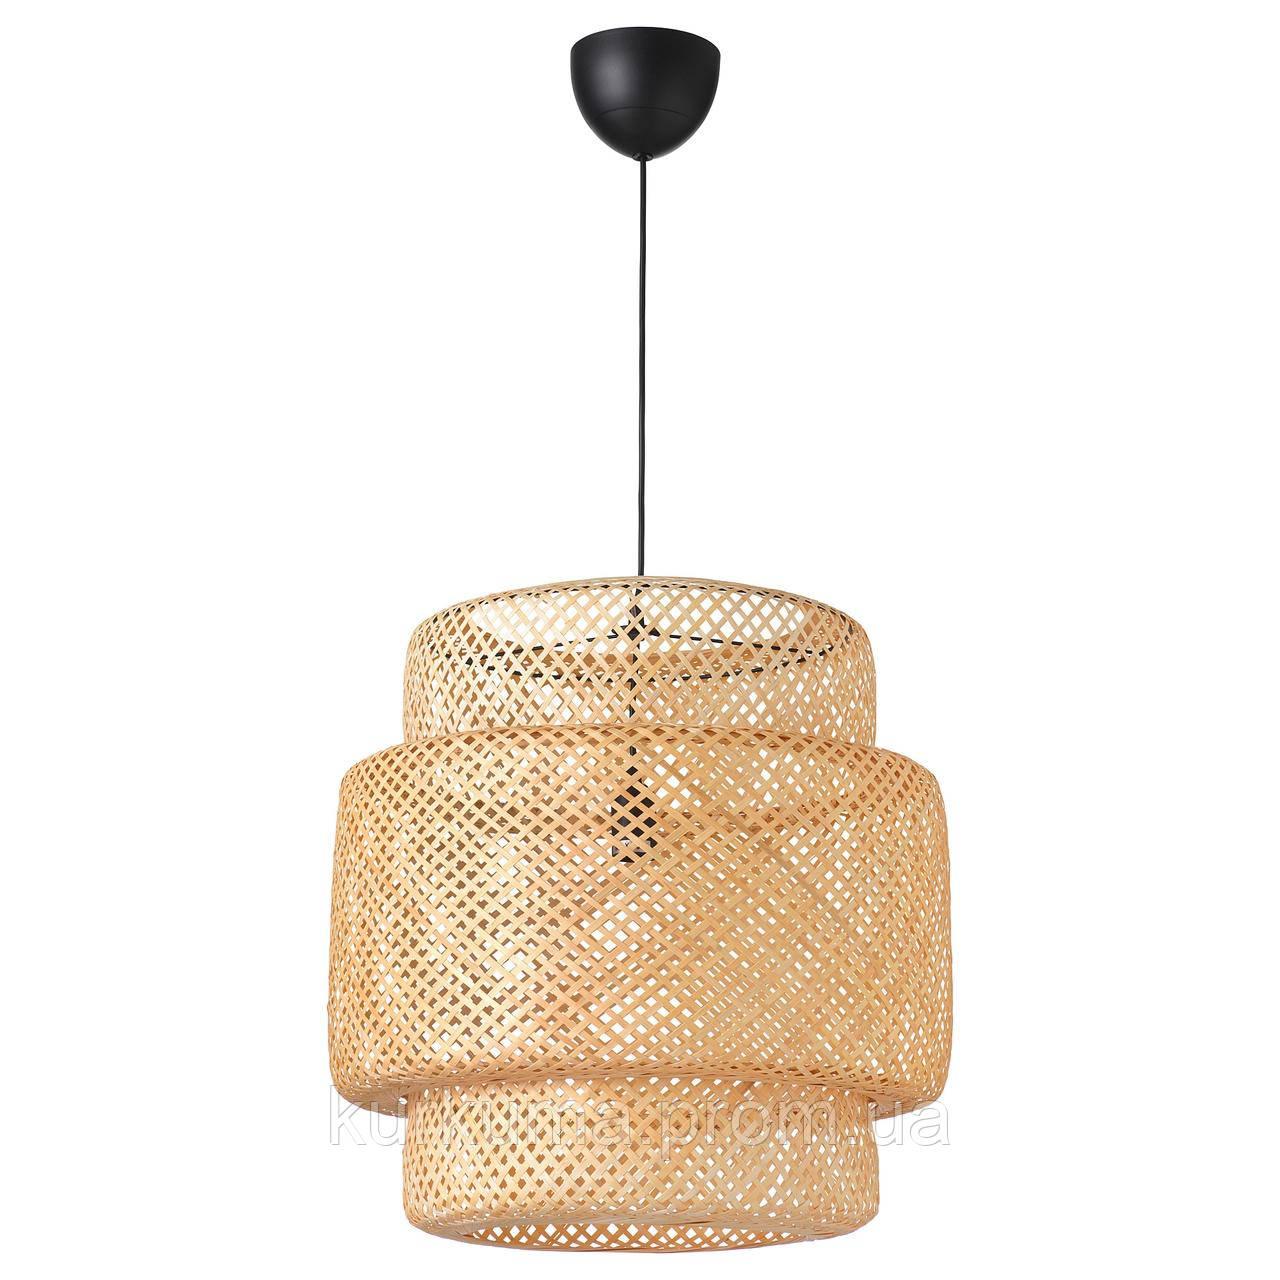 IKEA SINNERLIG Подвесной светильник, бамбук  (703.116.97)